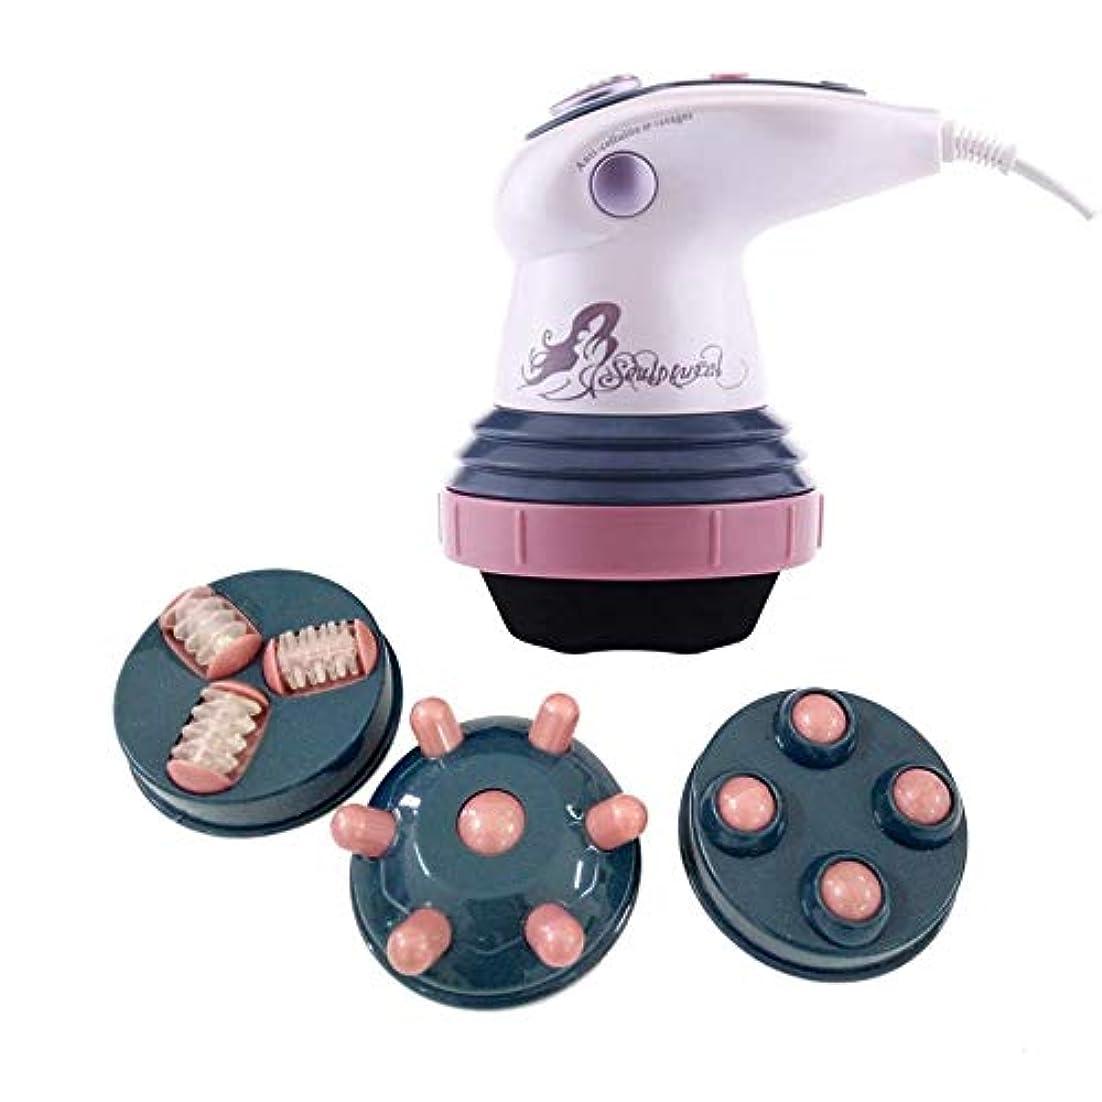 セレナシャーロットブロンテはねかける低雑音の赤外線電気脂肪燃焼はボディスリミングマッサージャー抗セルライトボディマッサージ機を削除します - ピンク